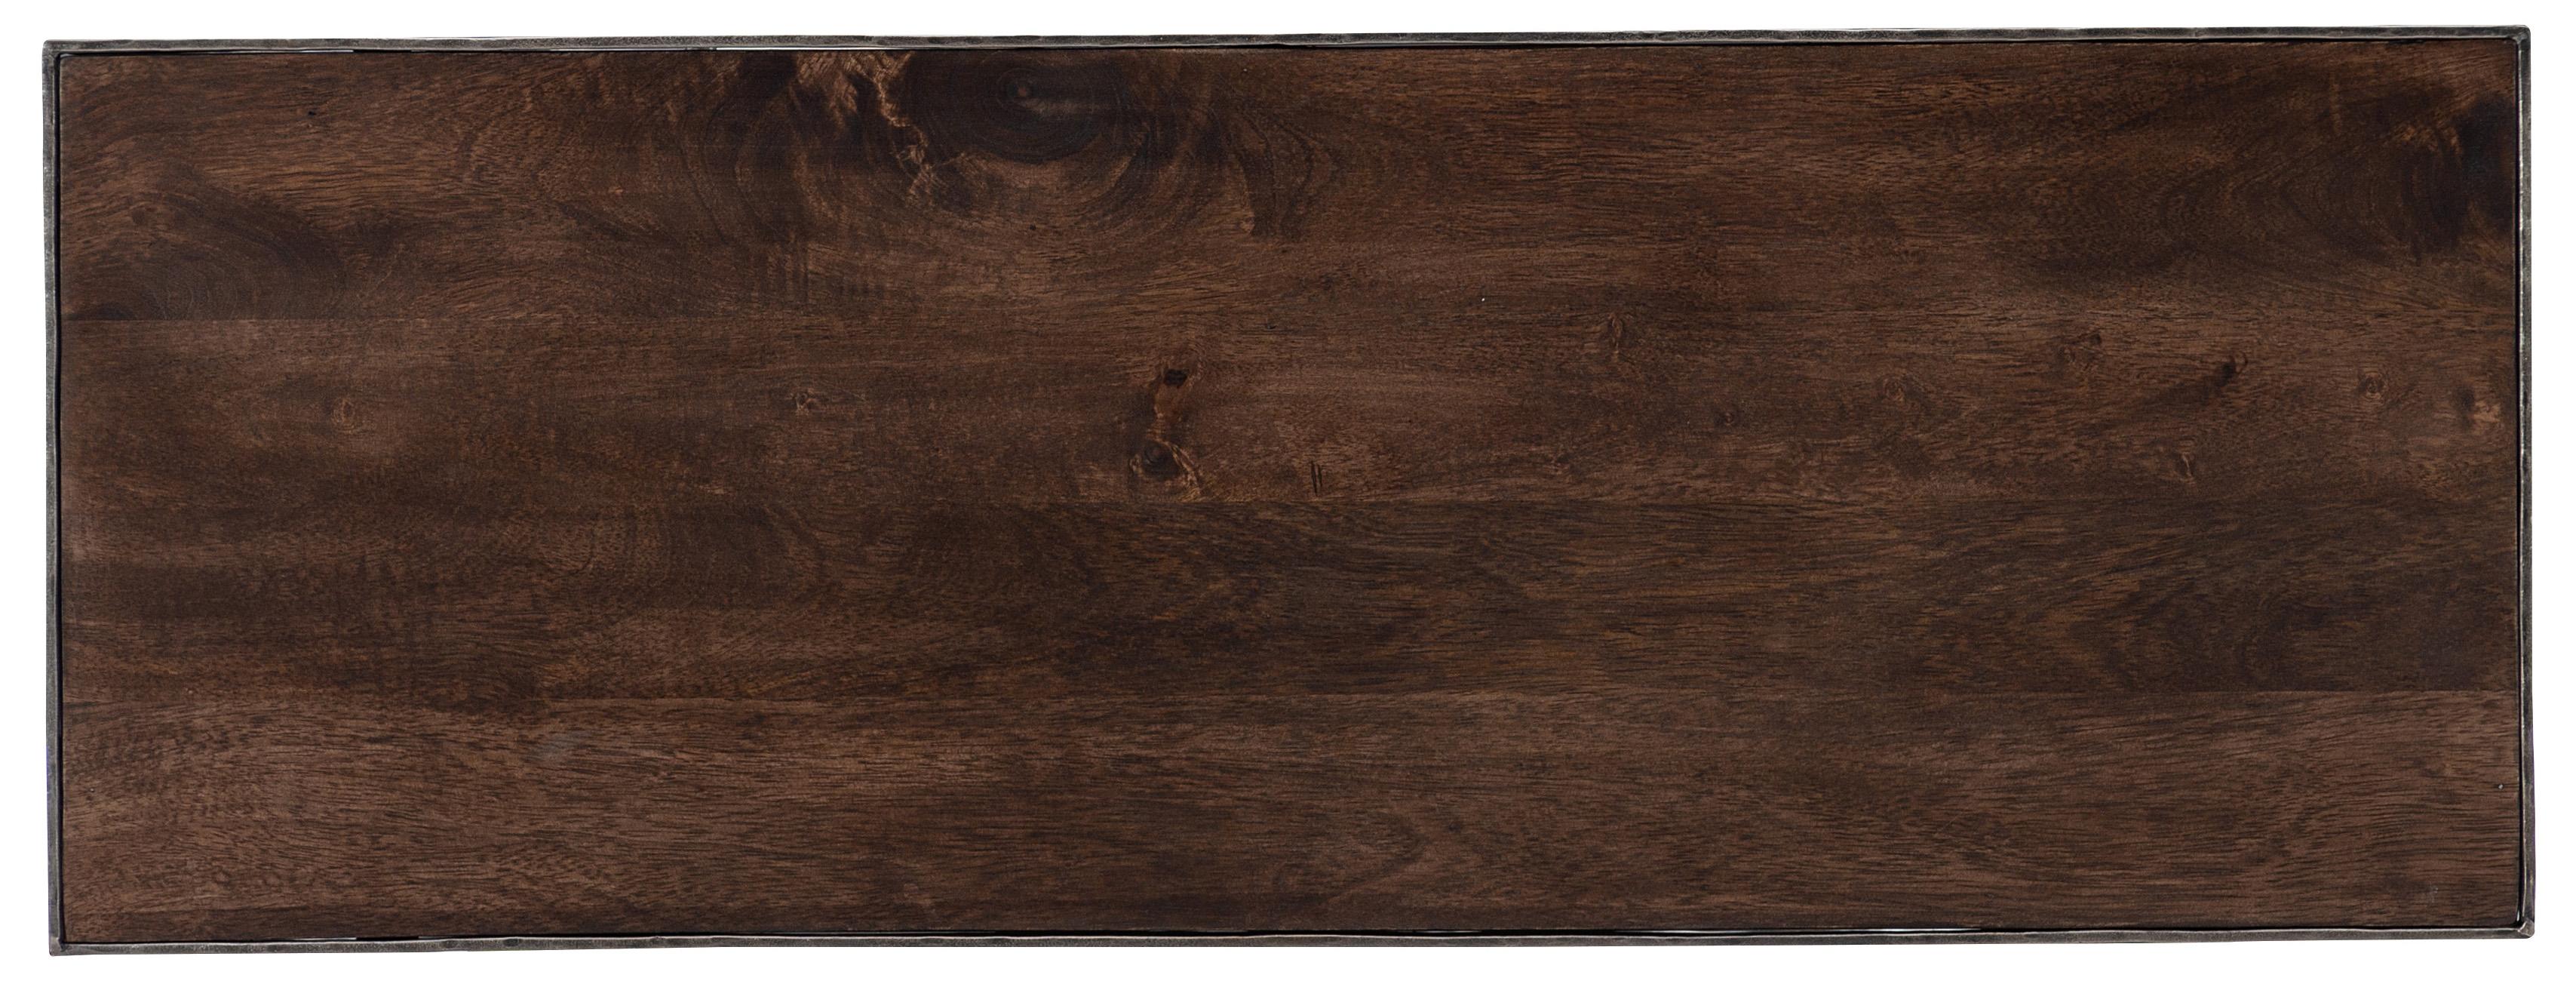 Melange Saban Console by Hooker Furniture at Zak's Home